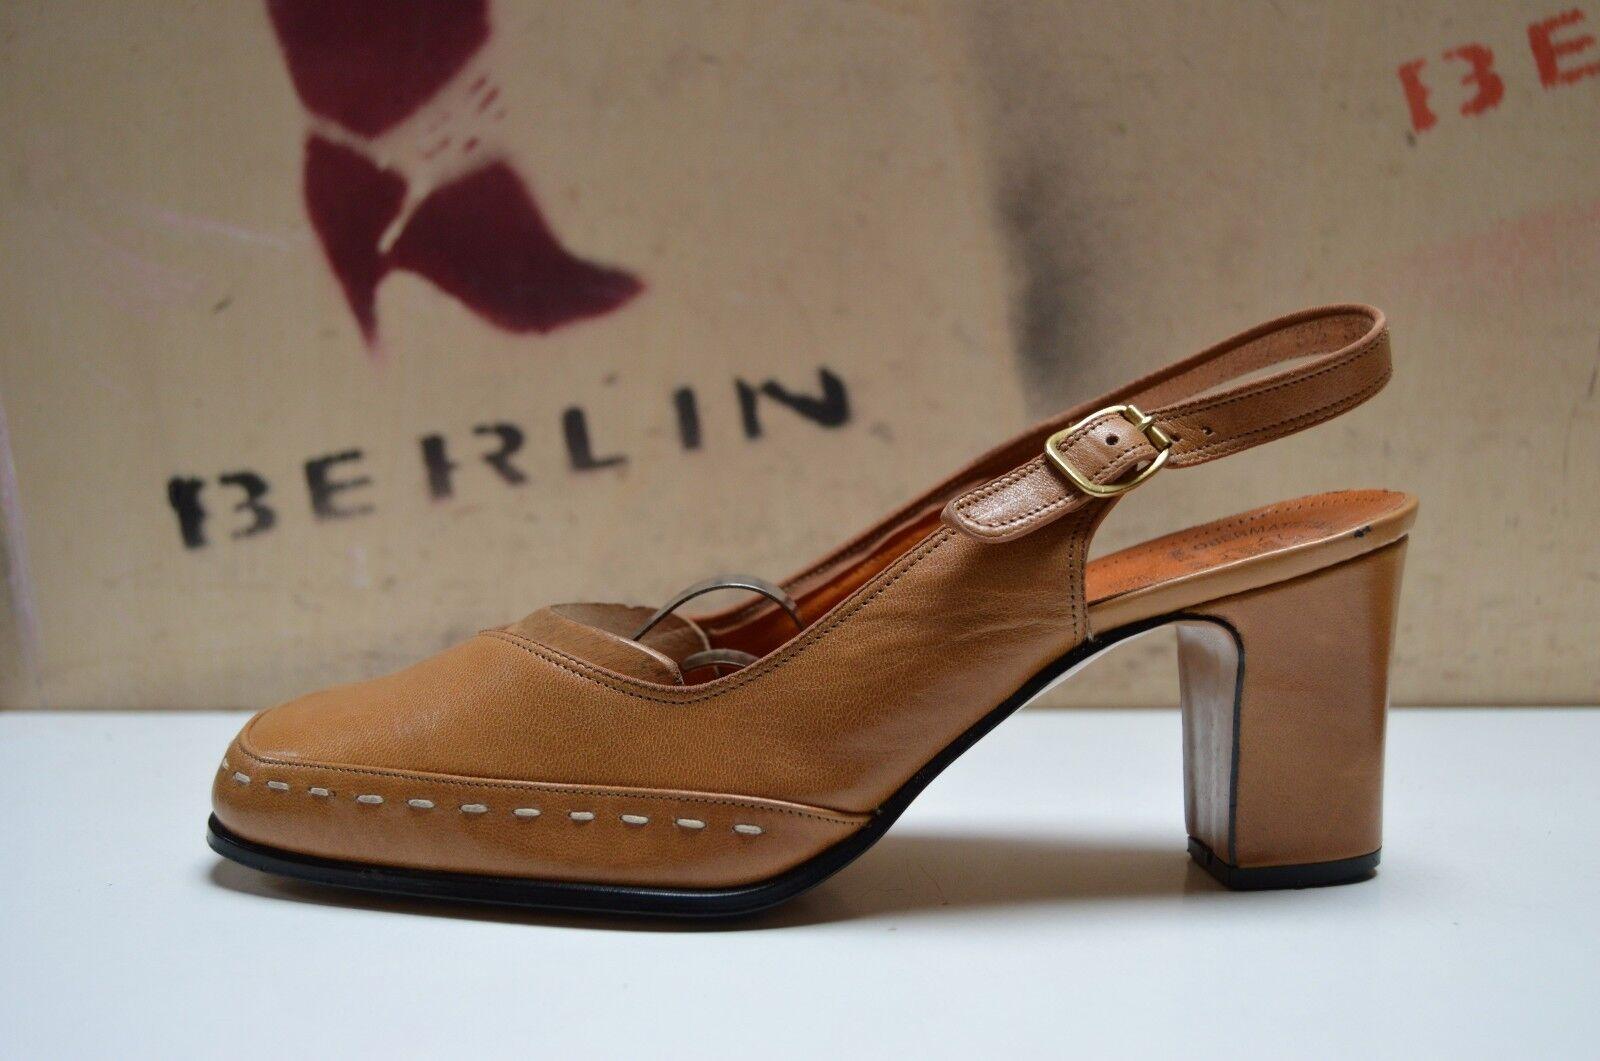 Weltschuh Damen SlingPumps 70er TRUE VINTAGE 70´s Pumps Sandale Sandaleetten